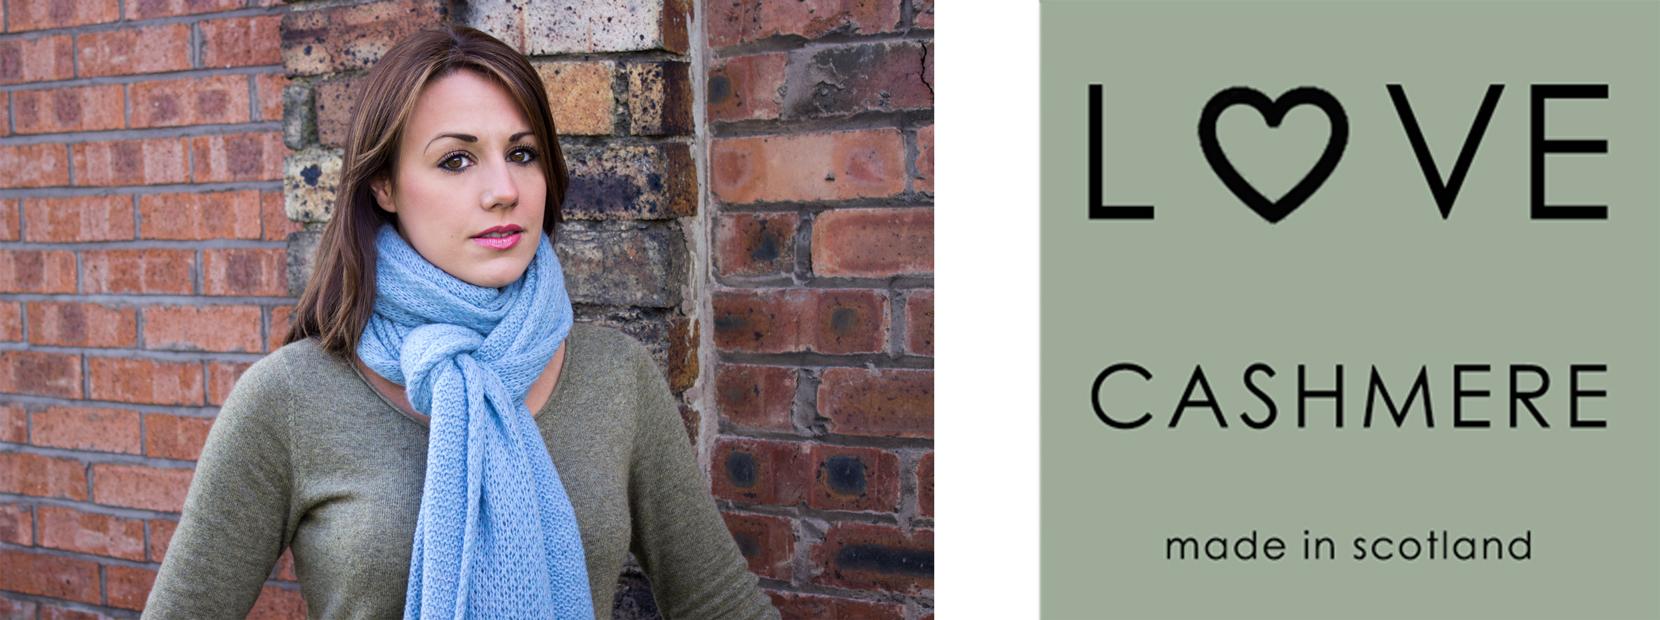 Cashmere Knitwear, Designer Cashmere Accessories, Luxury Cashmere